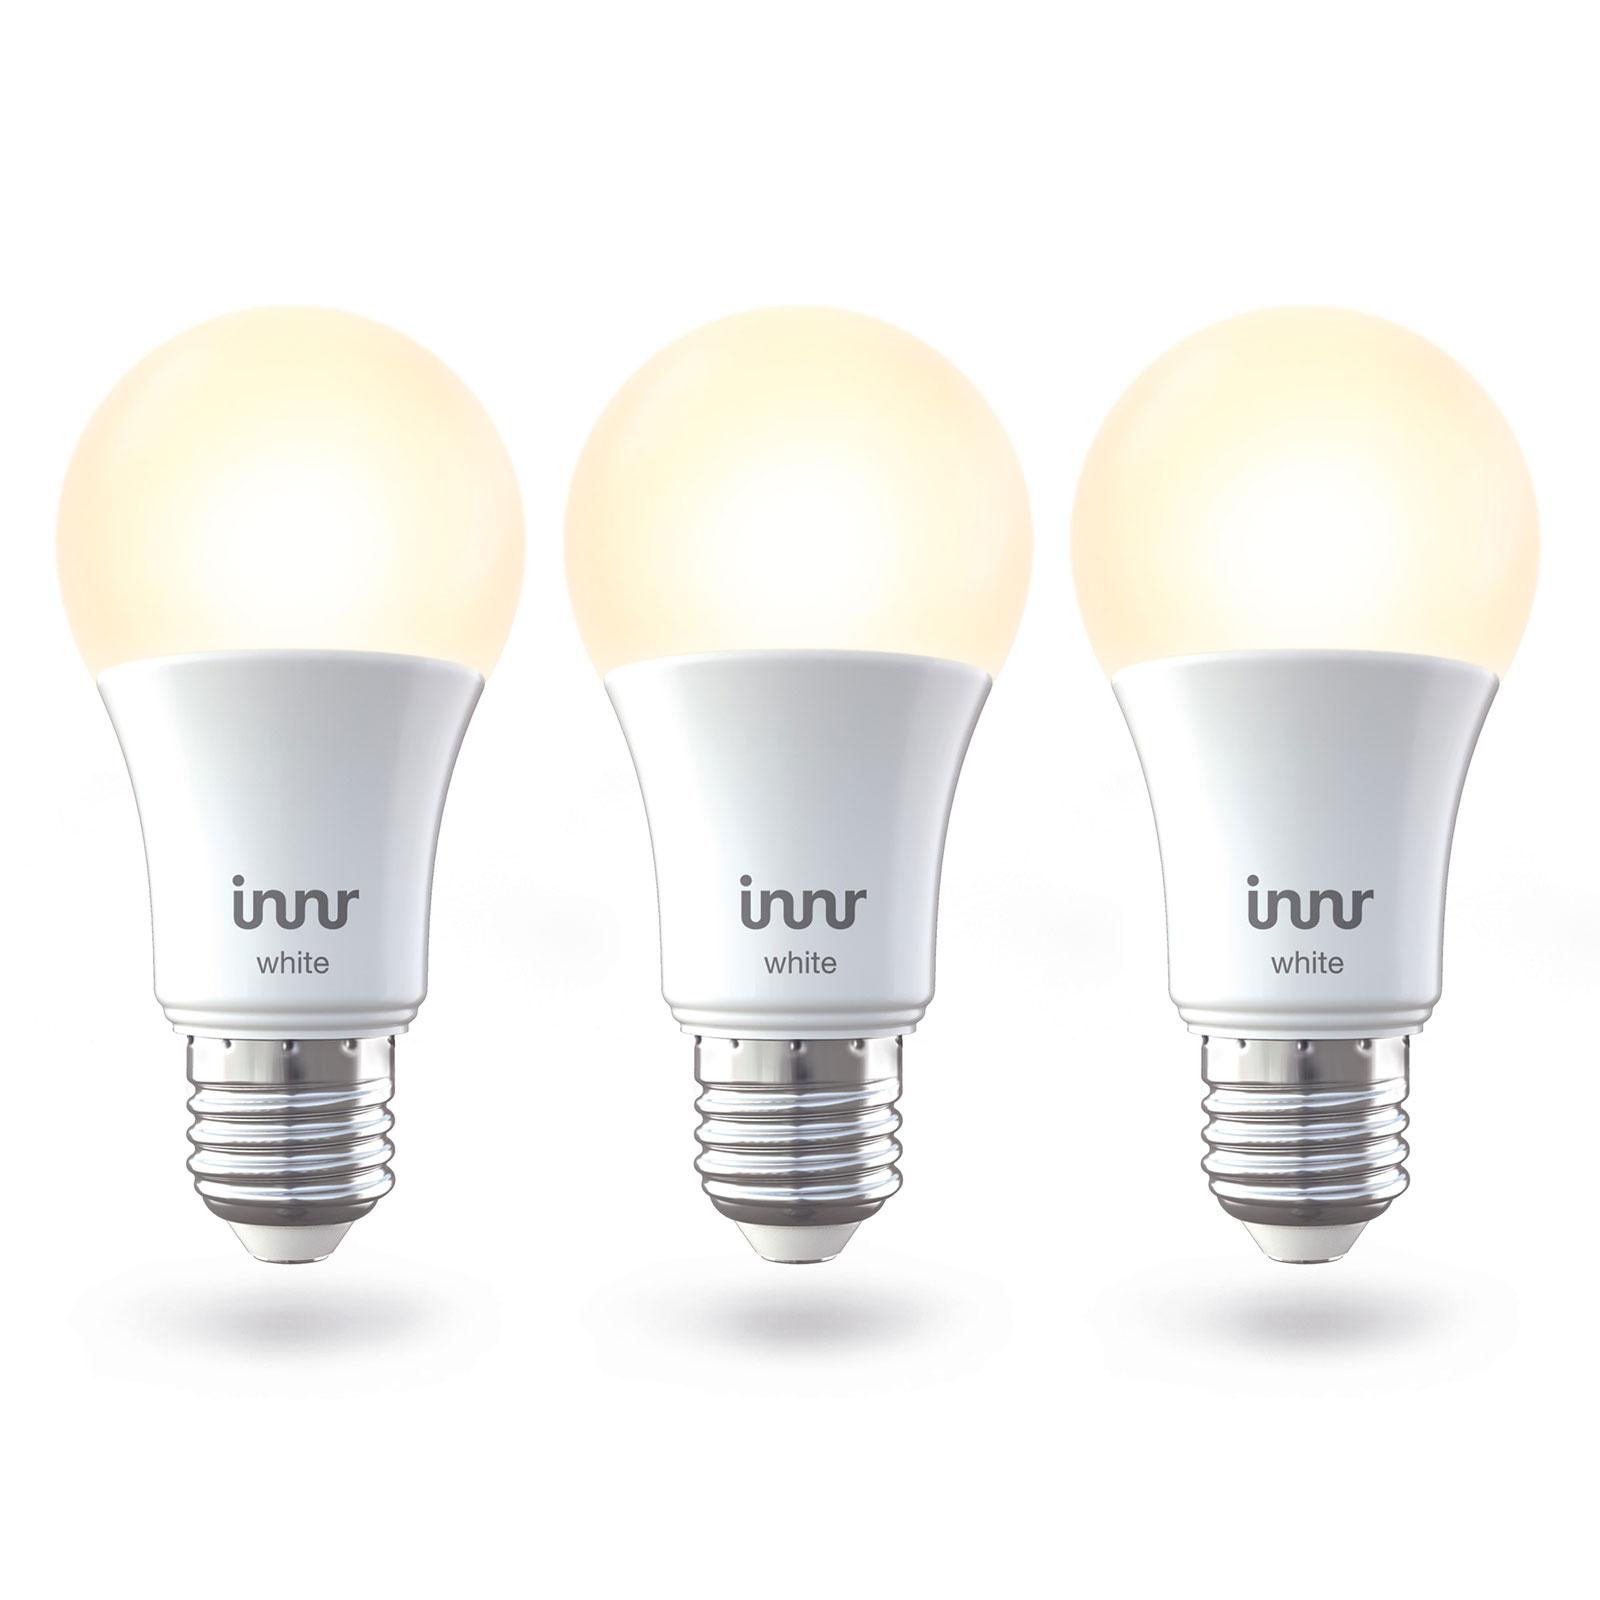 Innr LED-Lampe E27 9W Smart warmweiß 806lm 3er